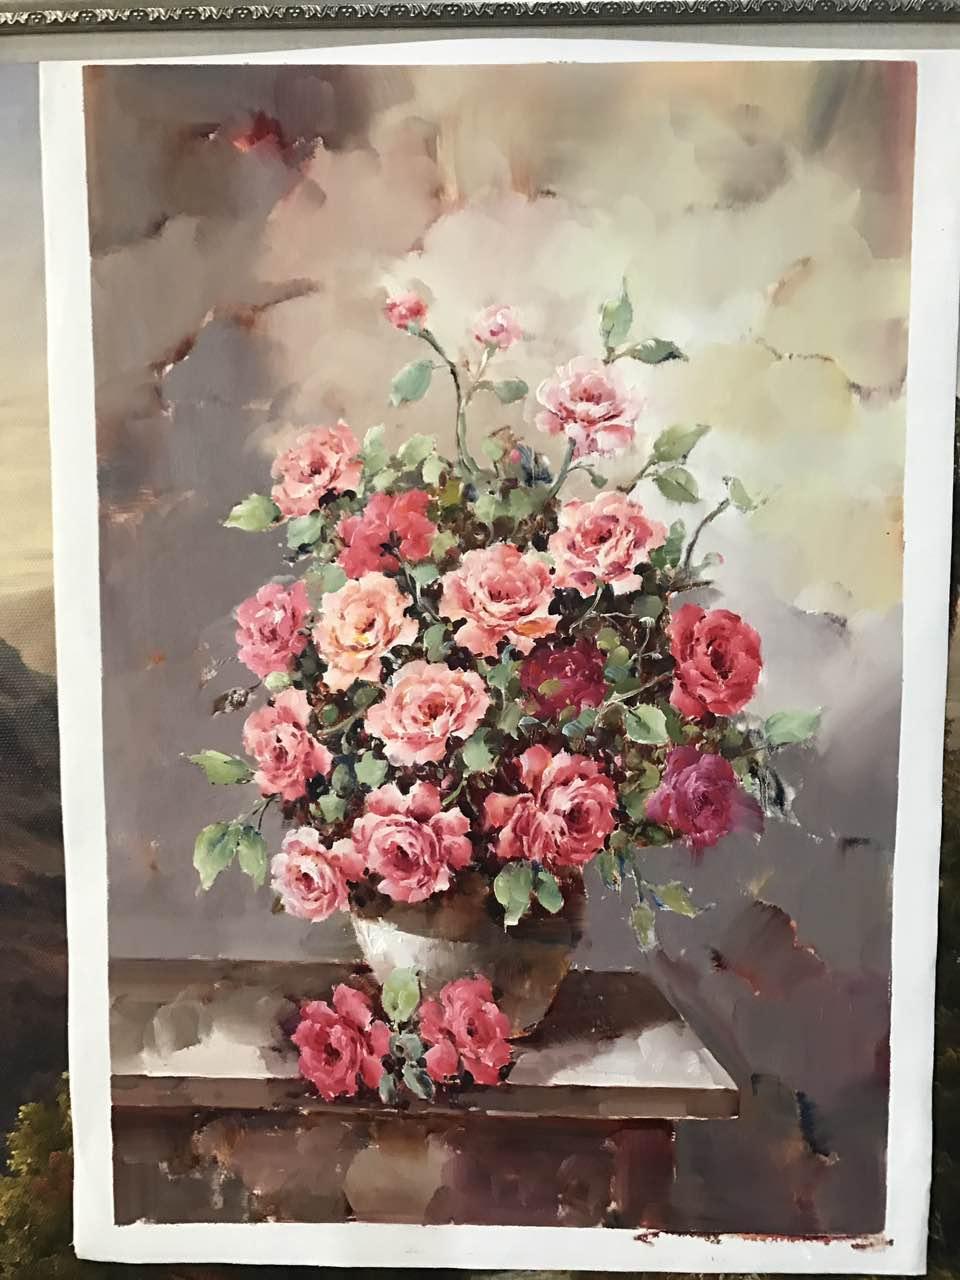 油画花卉购买咨询热线福建-抢手的花卉油画推荐